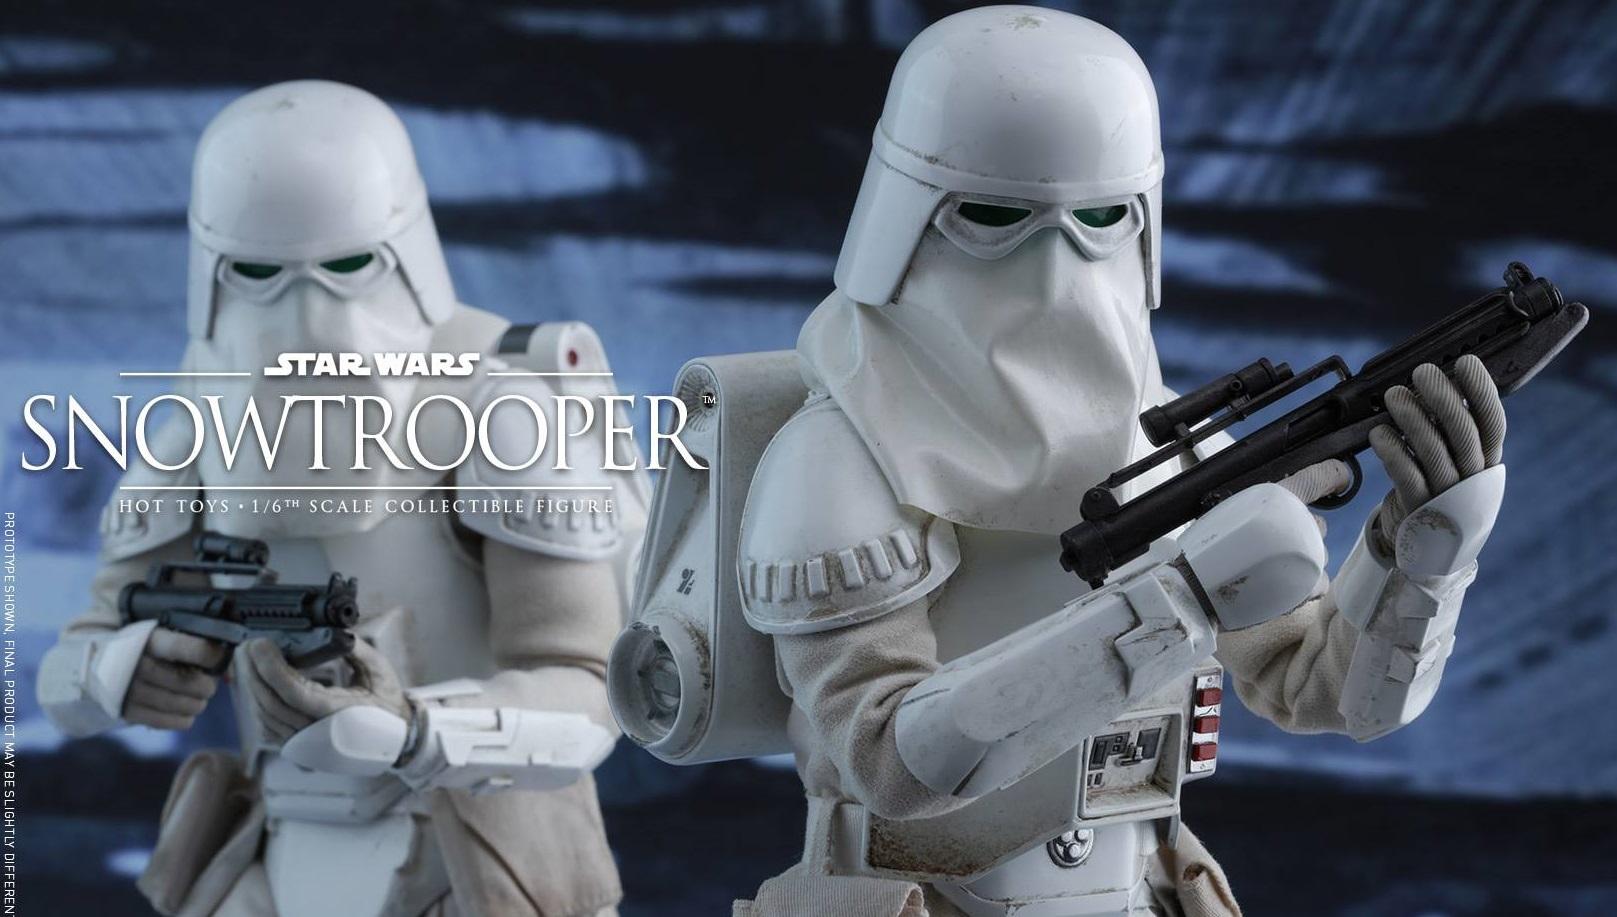 #shortcut: Preise und Termine der neuen Hot Toys Snowtroopers